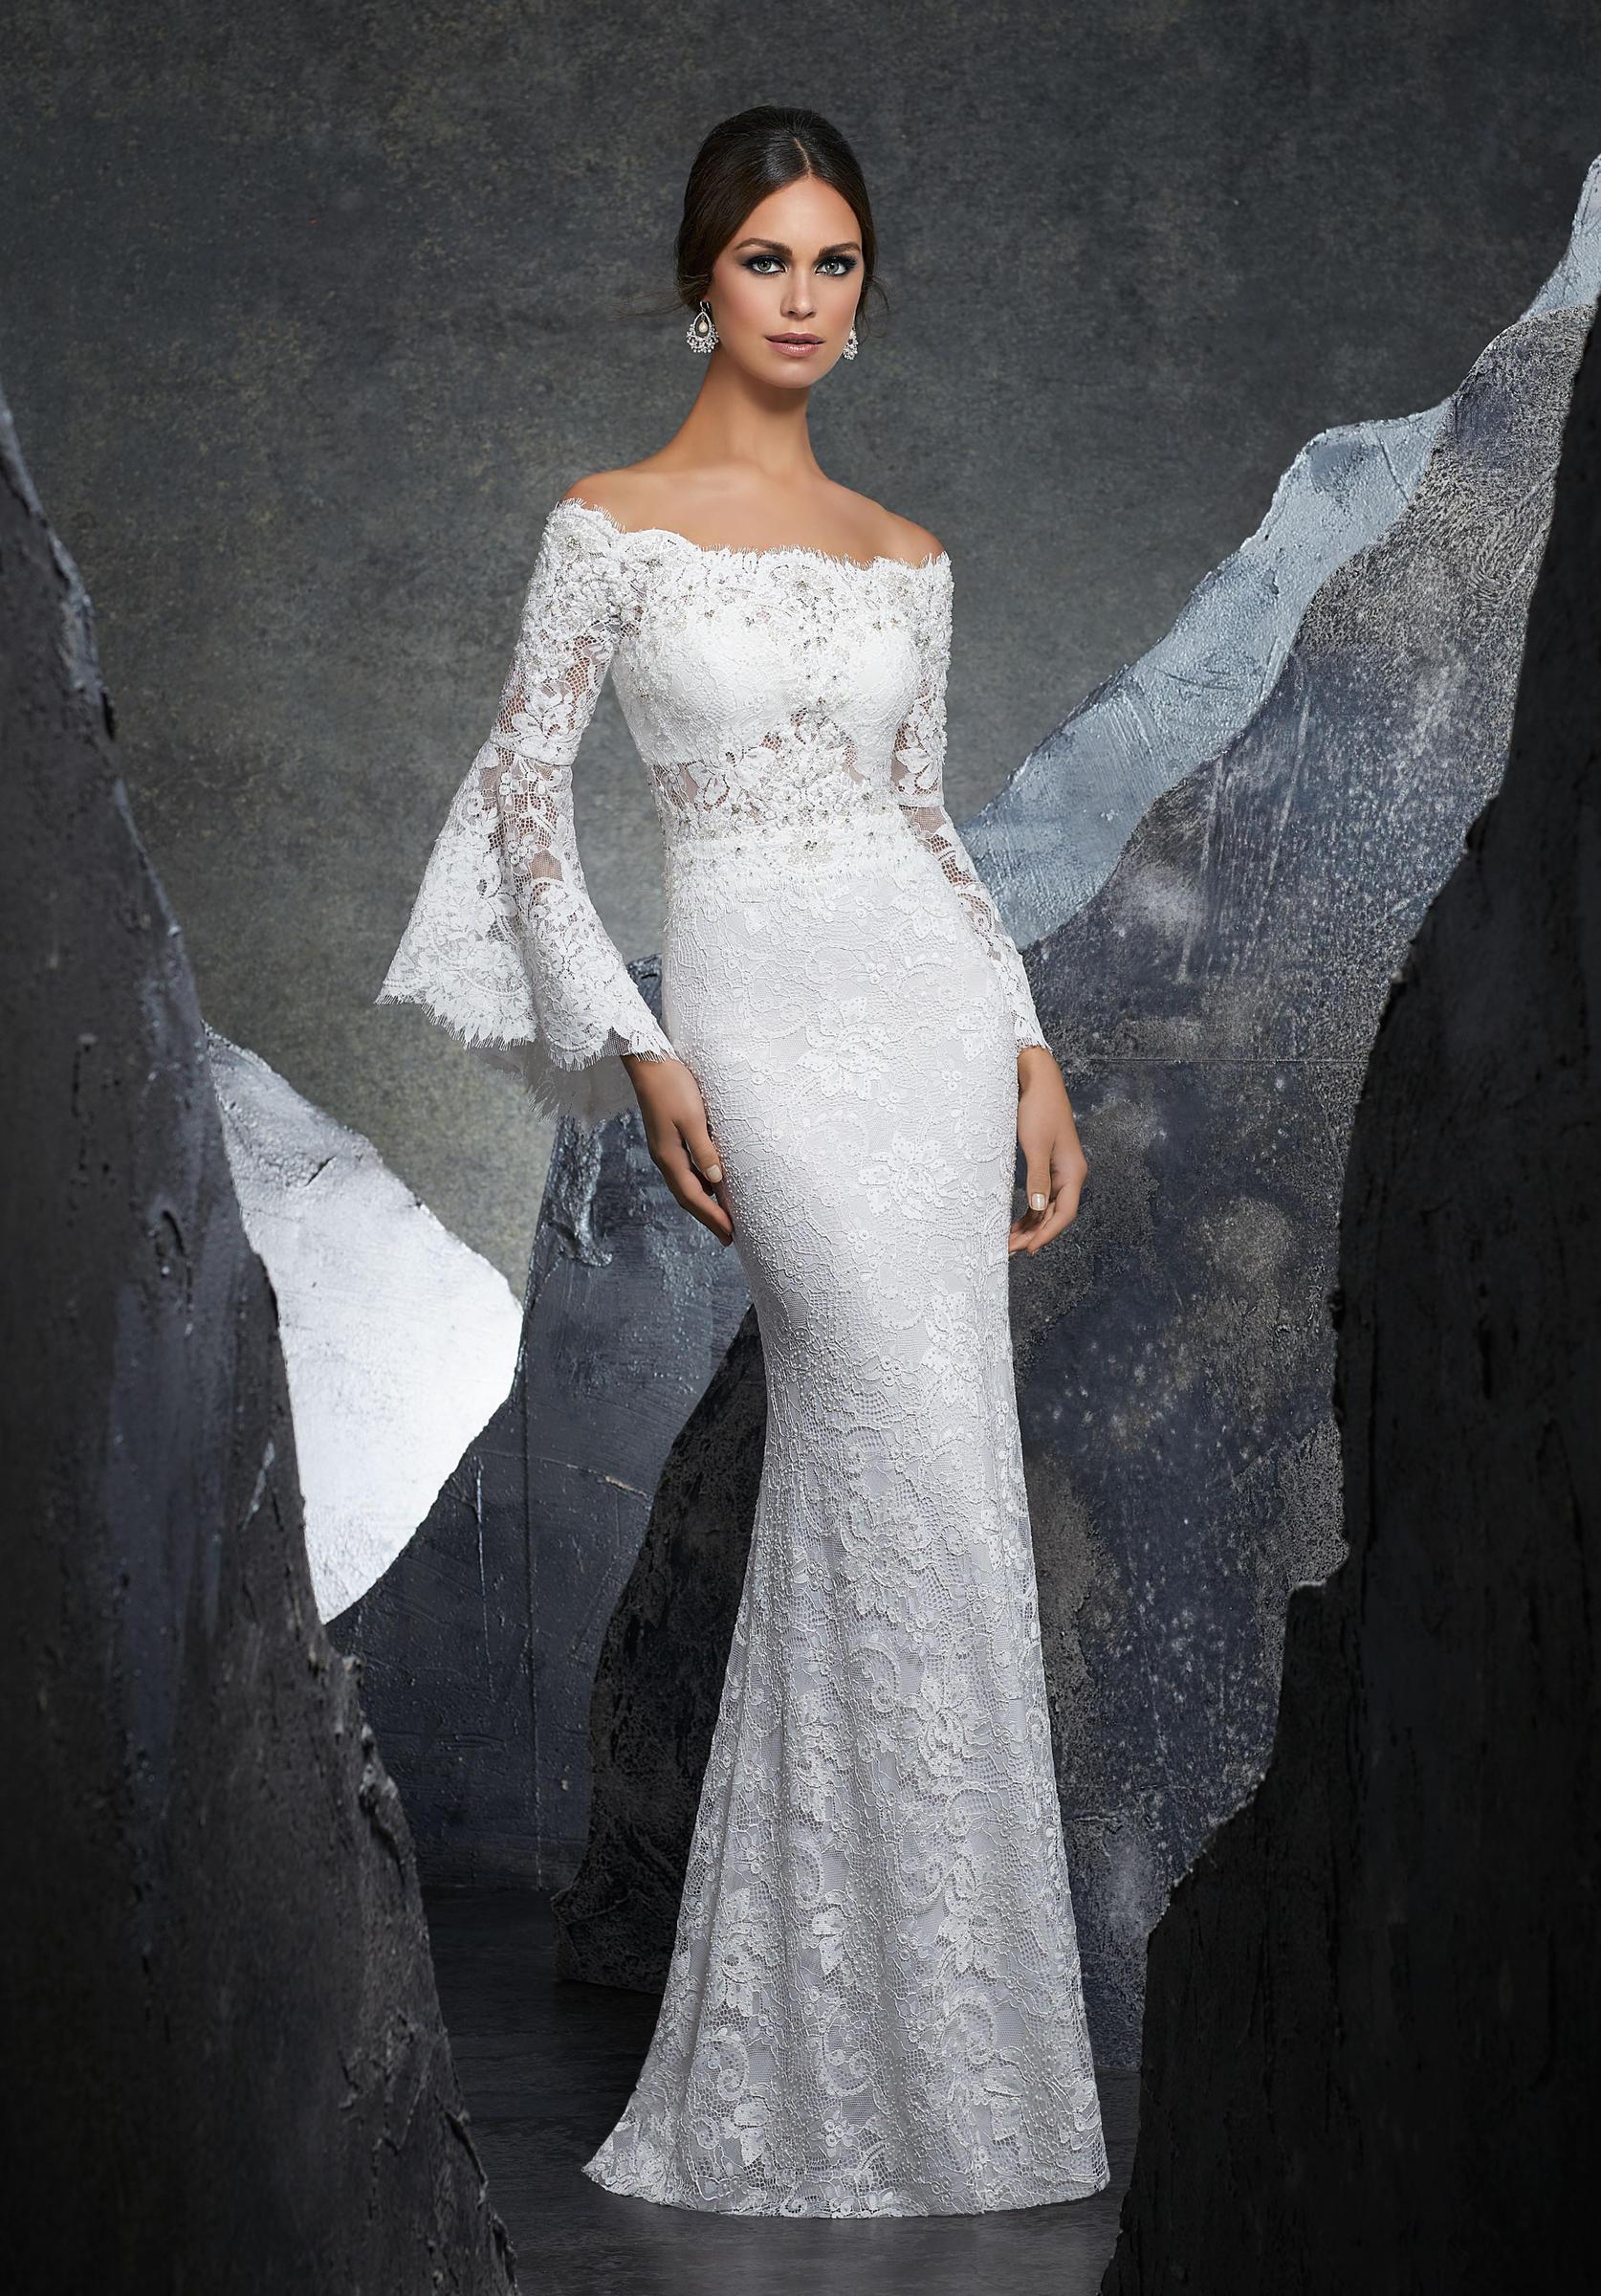 Νυφικό Φόρεμα, Γοργονέ από Δαντέλα Stretch.Κωδ. 5605